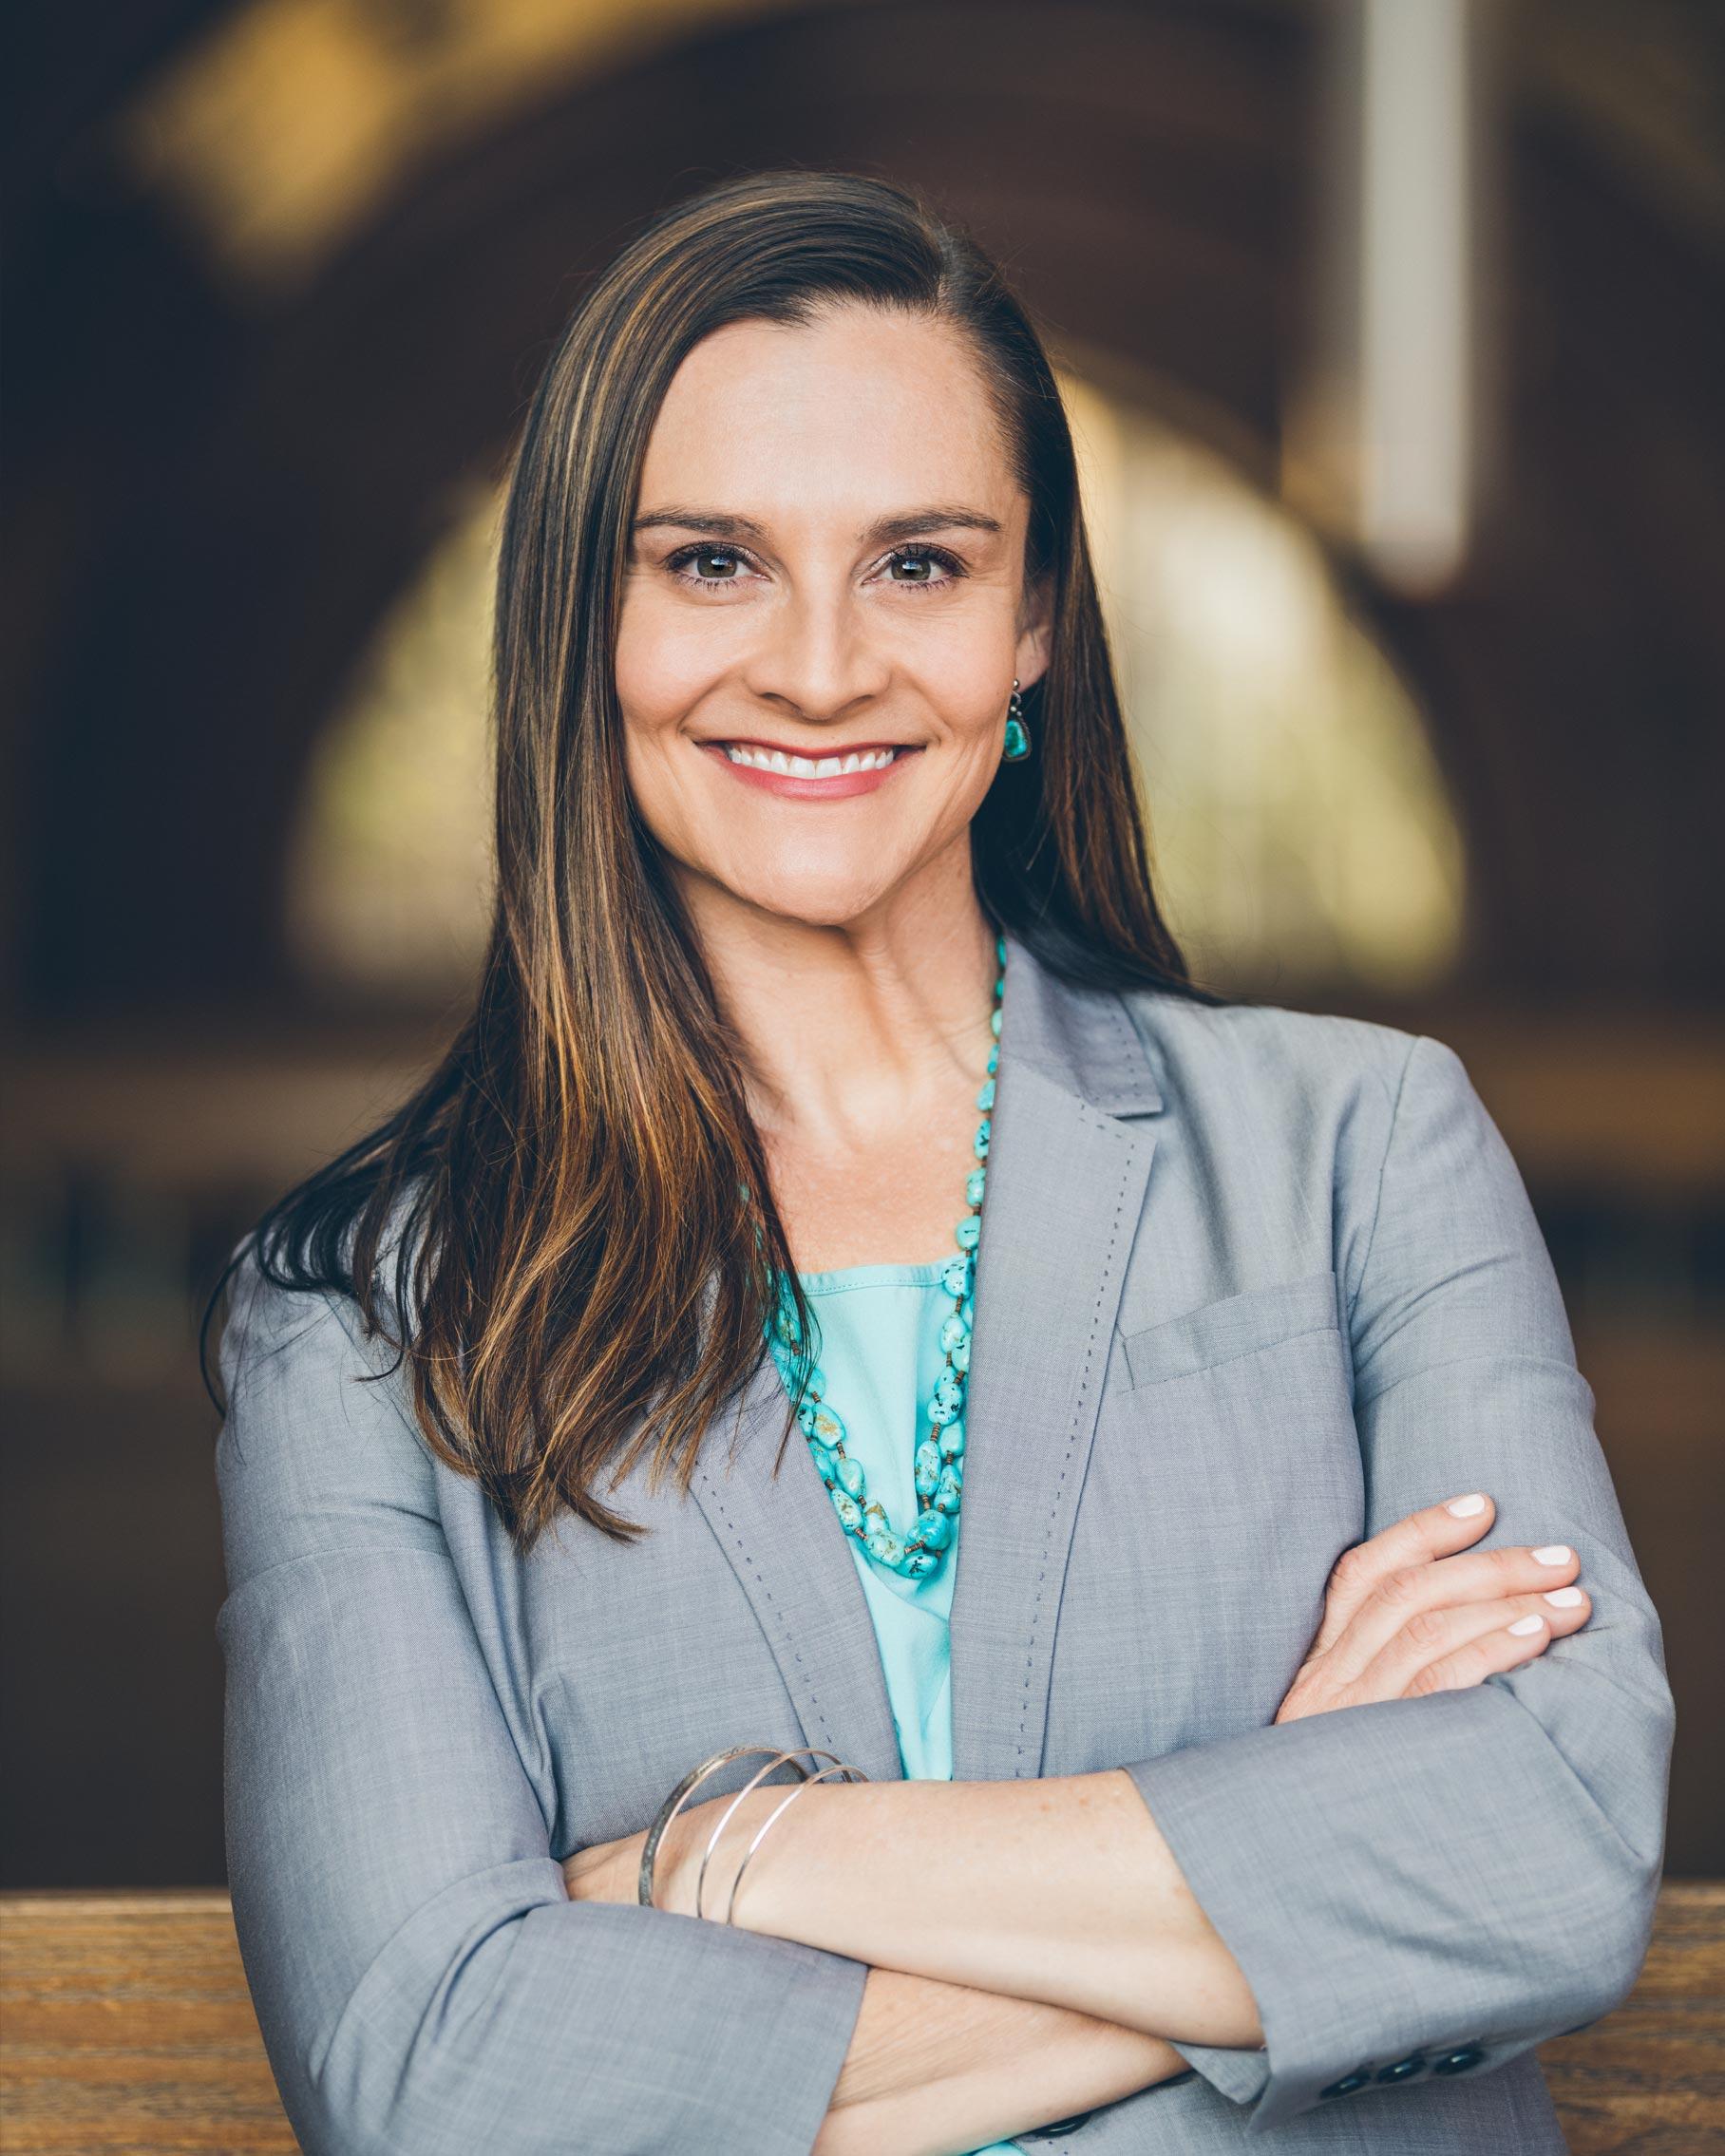 Dr. LaTisha Bader